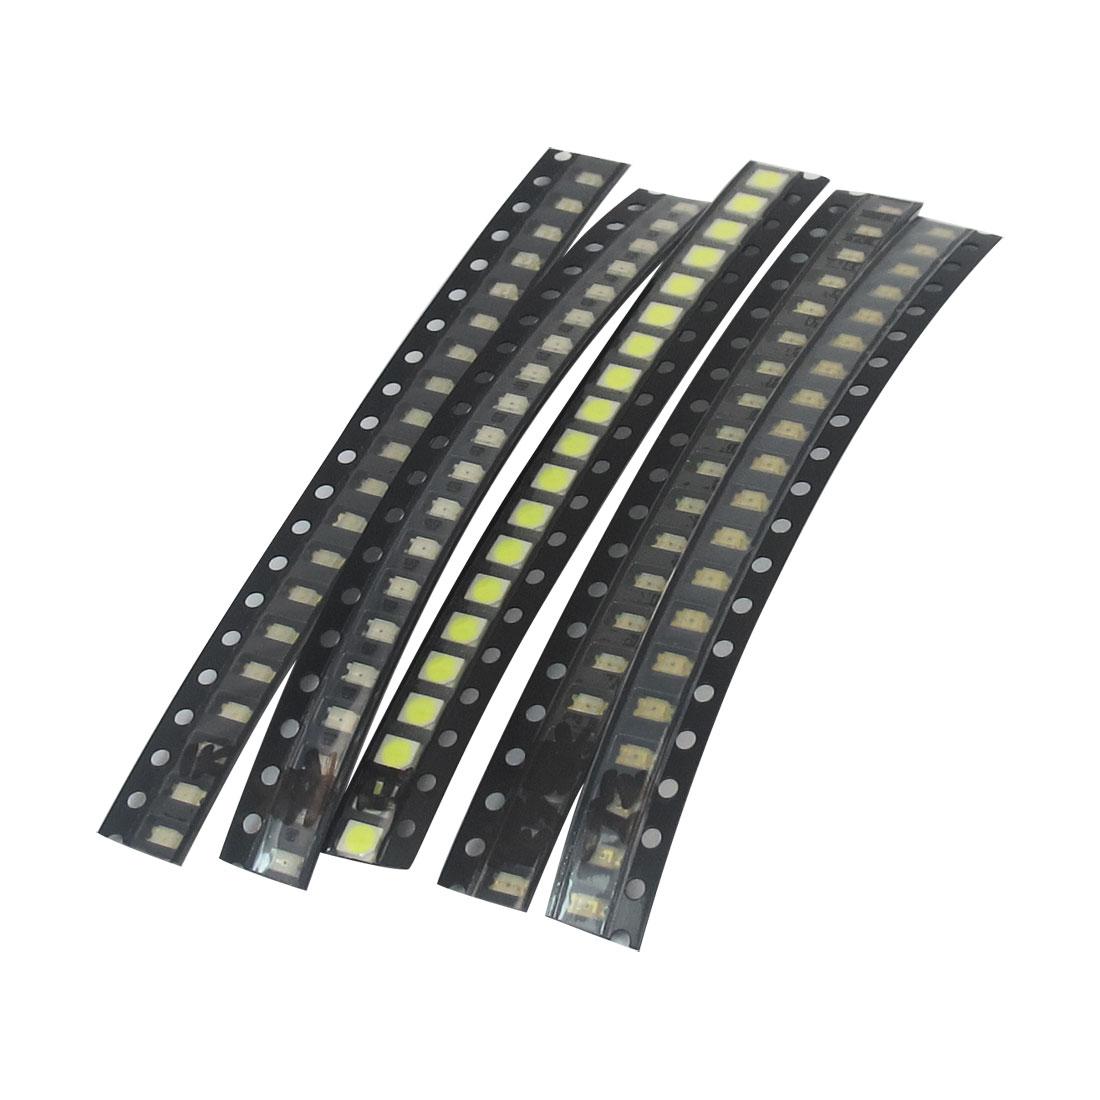 100pcs Multicolor Superbright 1206/3528 Surface Mount LED Light Emitting Diode